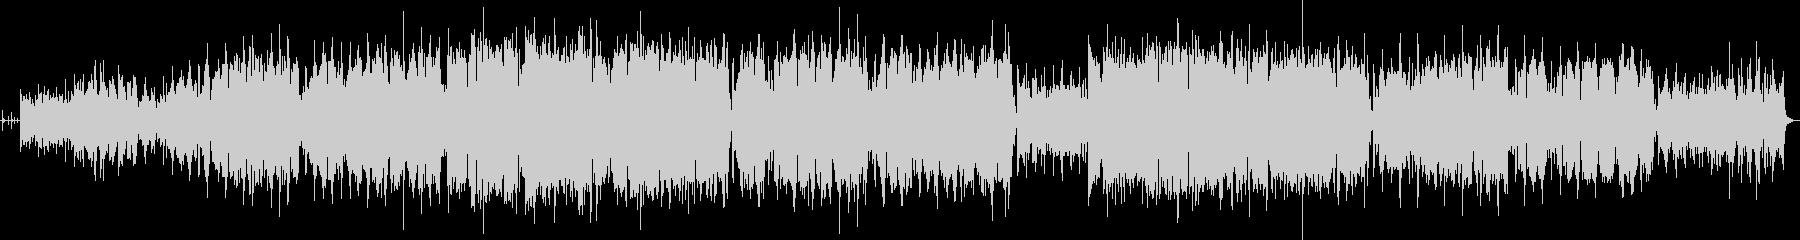 フラメンコギターのオリジナルフラメンコ曲の未再生の波形